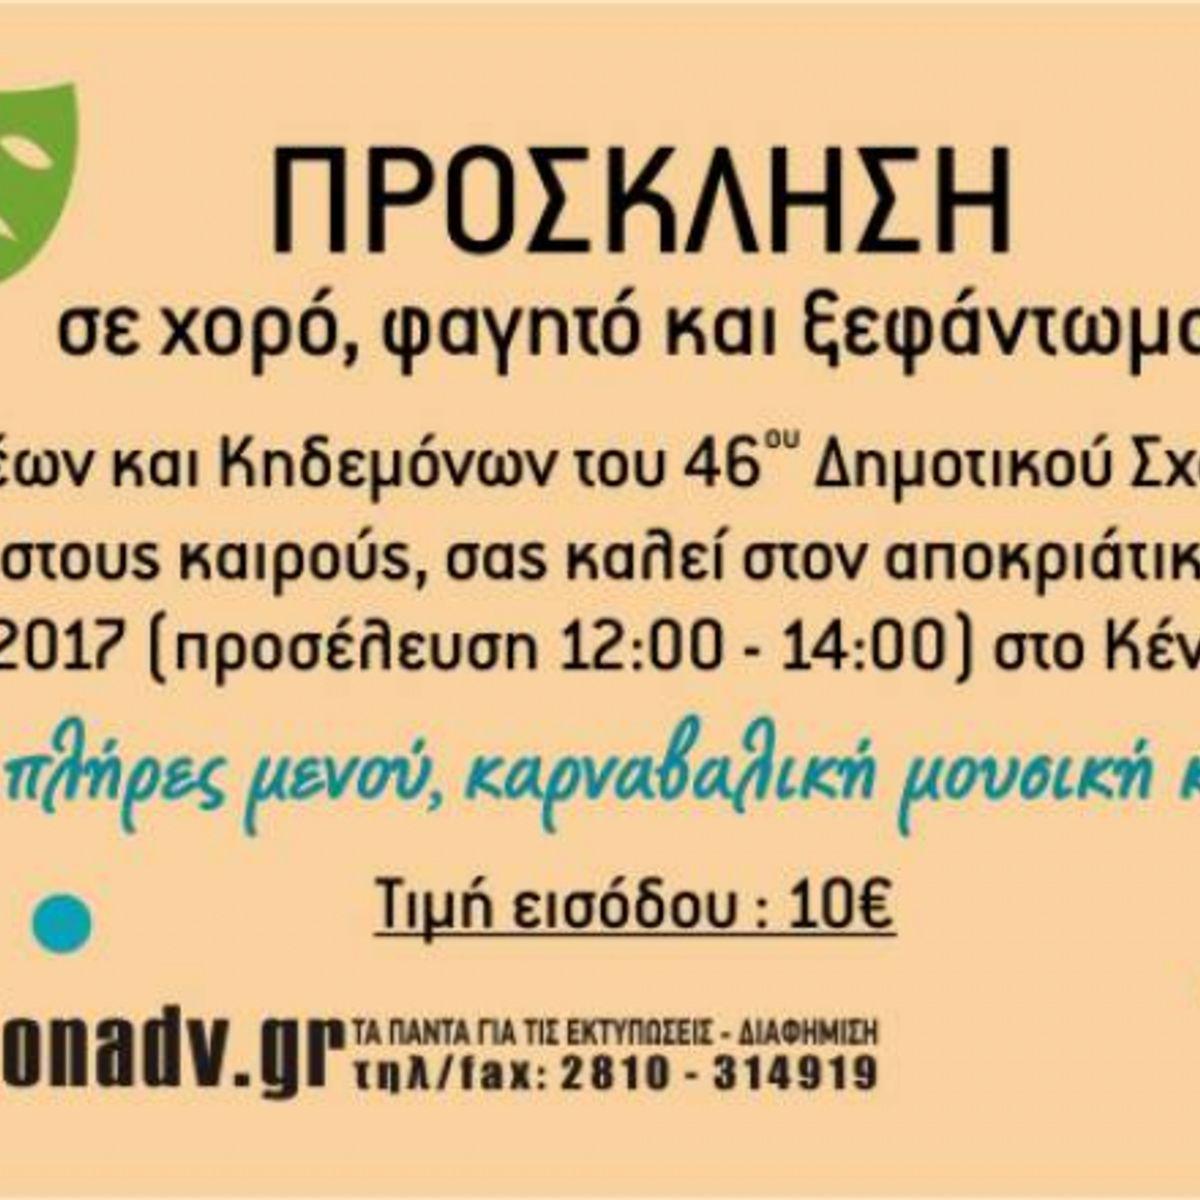 Προσκλήσεις - inv7640